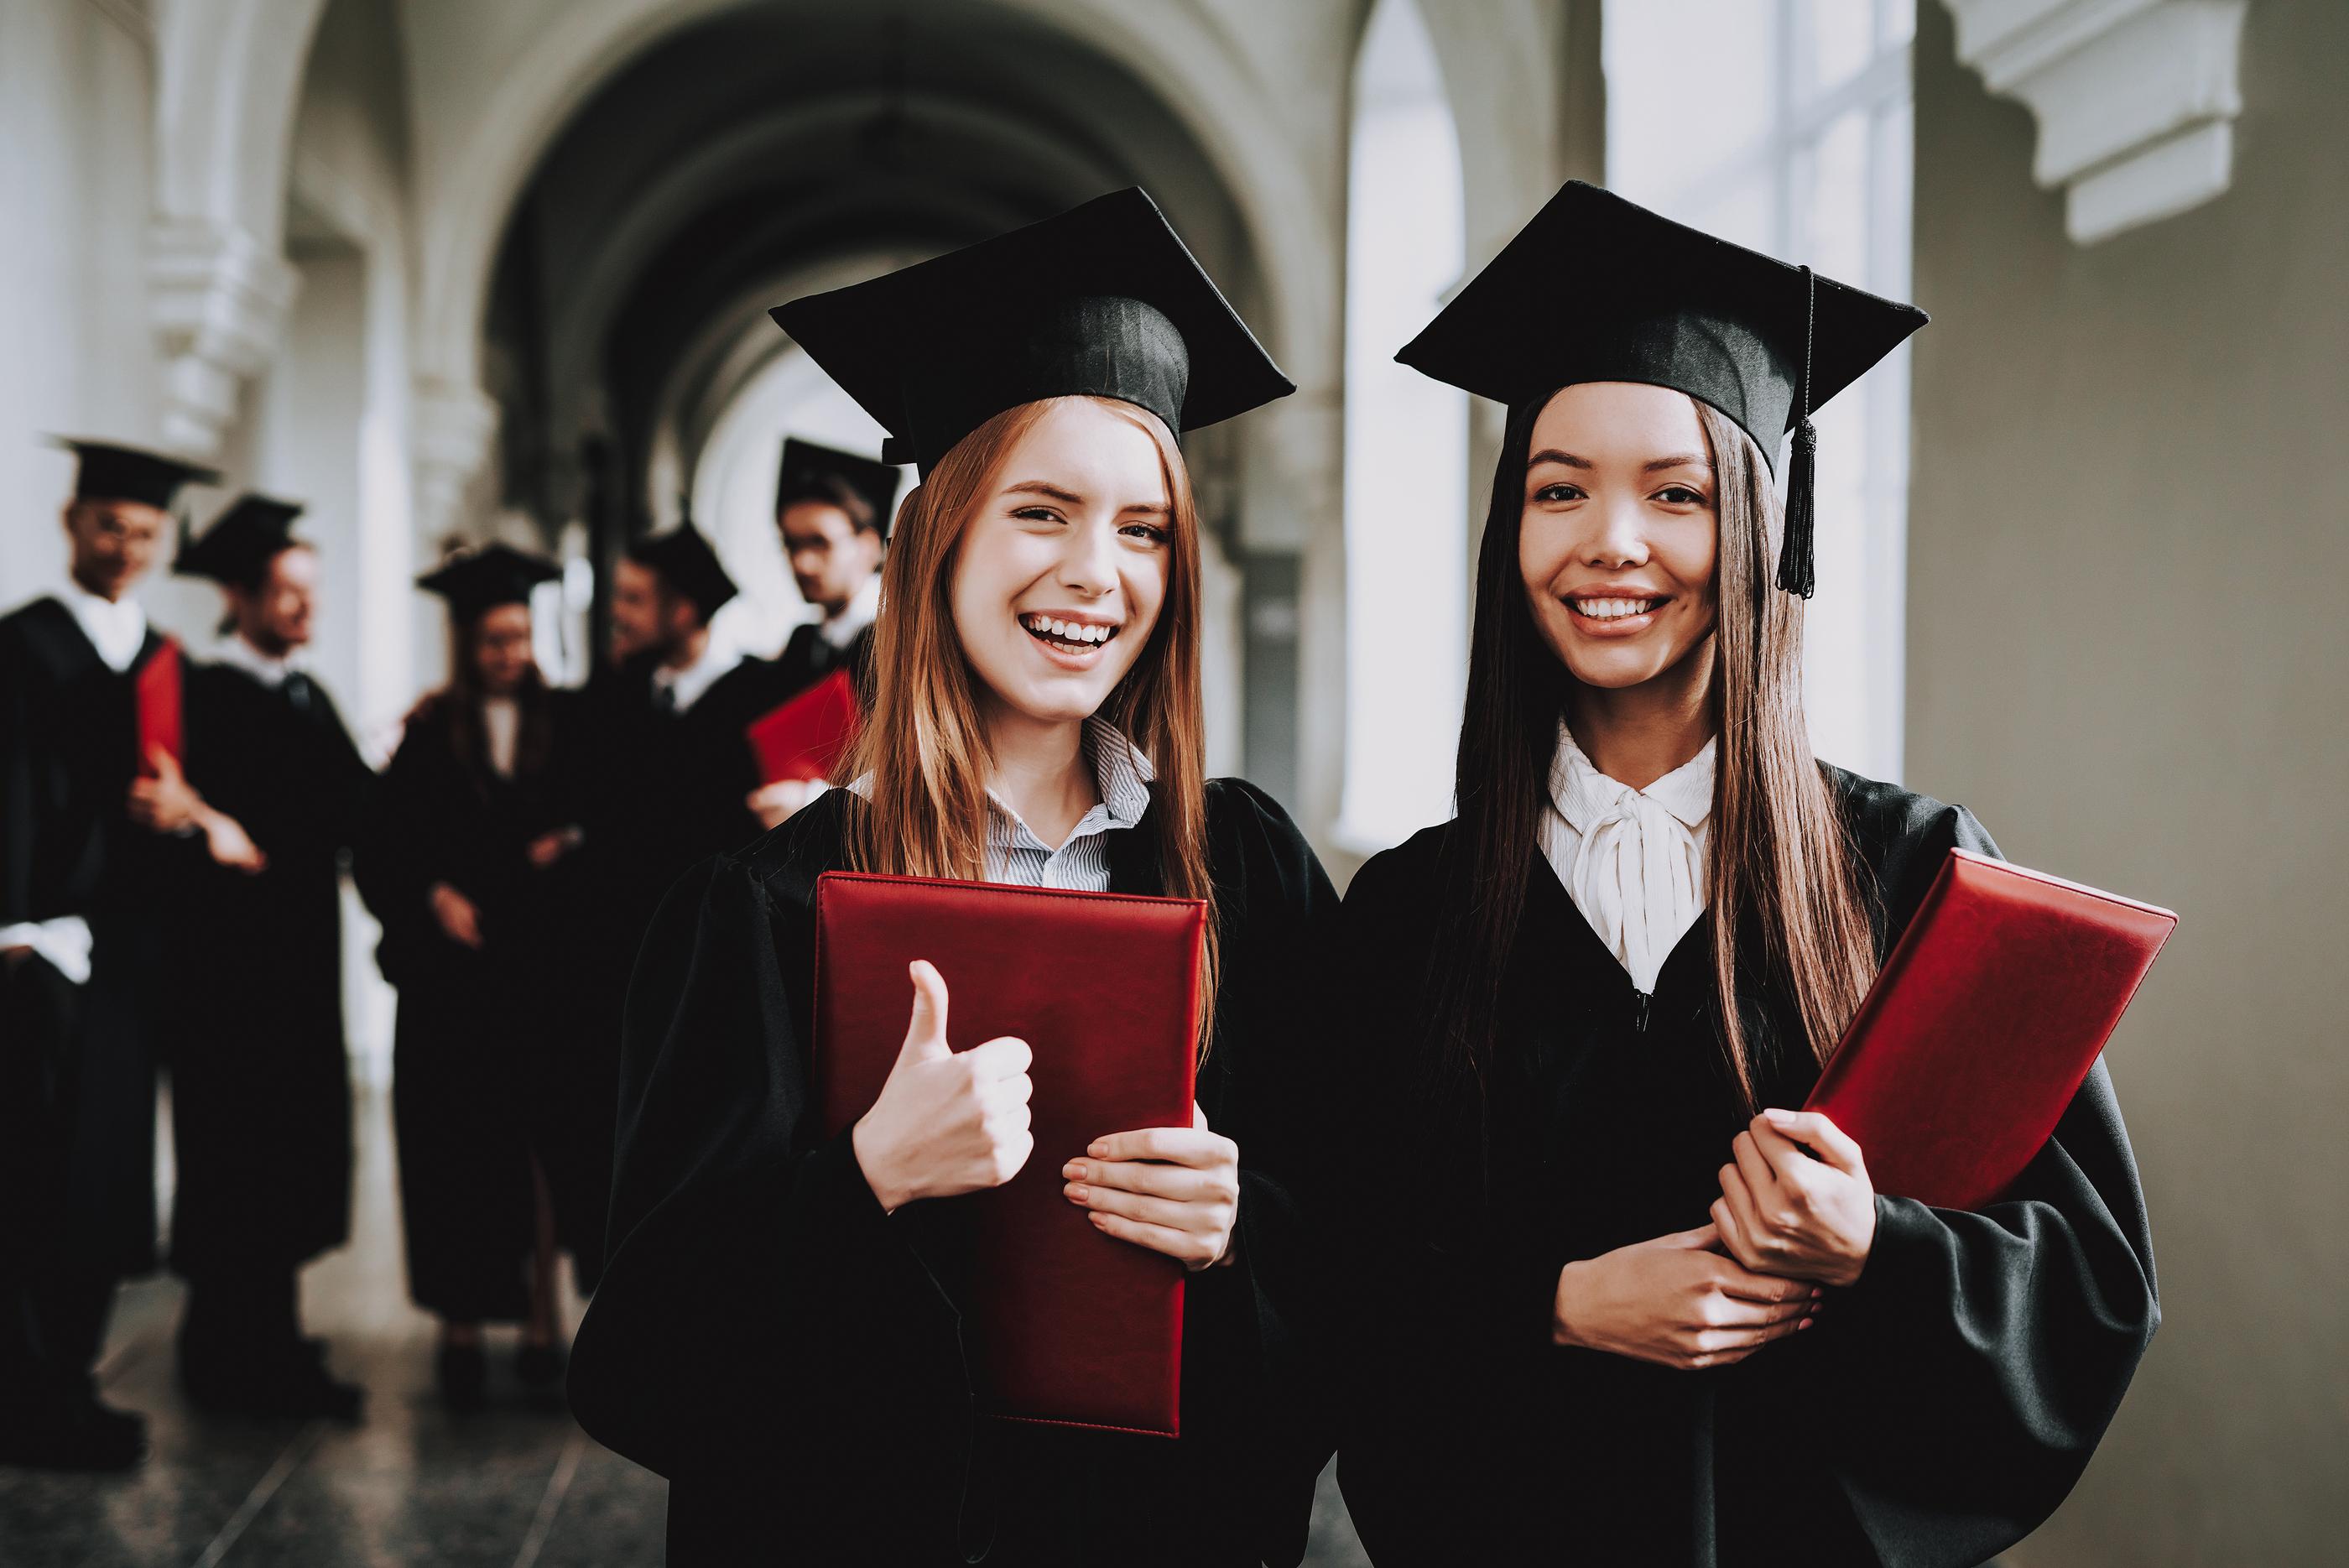 two young women graduating